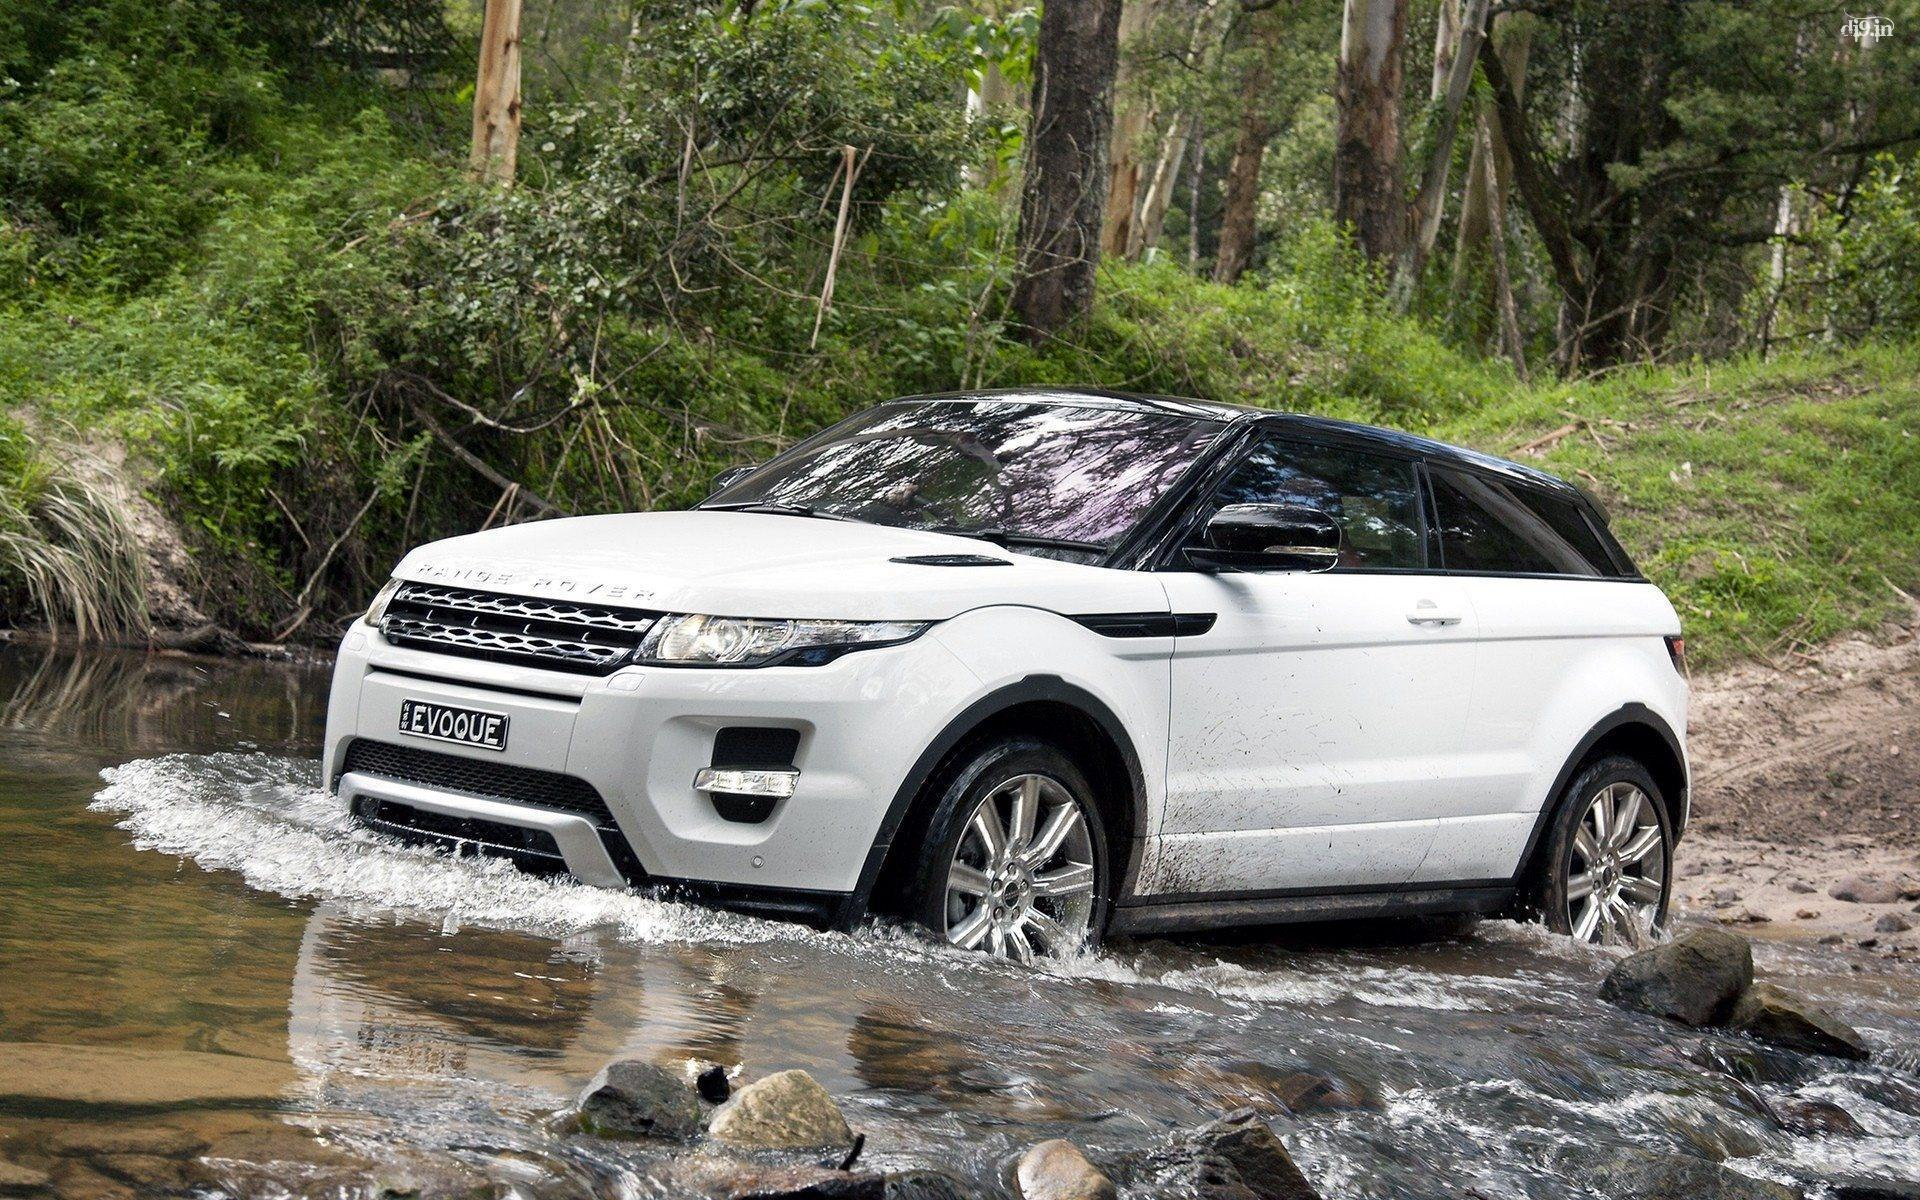 Range Rover Sport 2015 Desktop Wallpapers 1600x1200 Wallpaper Cave